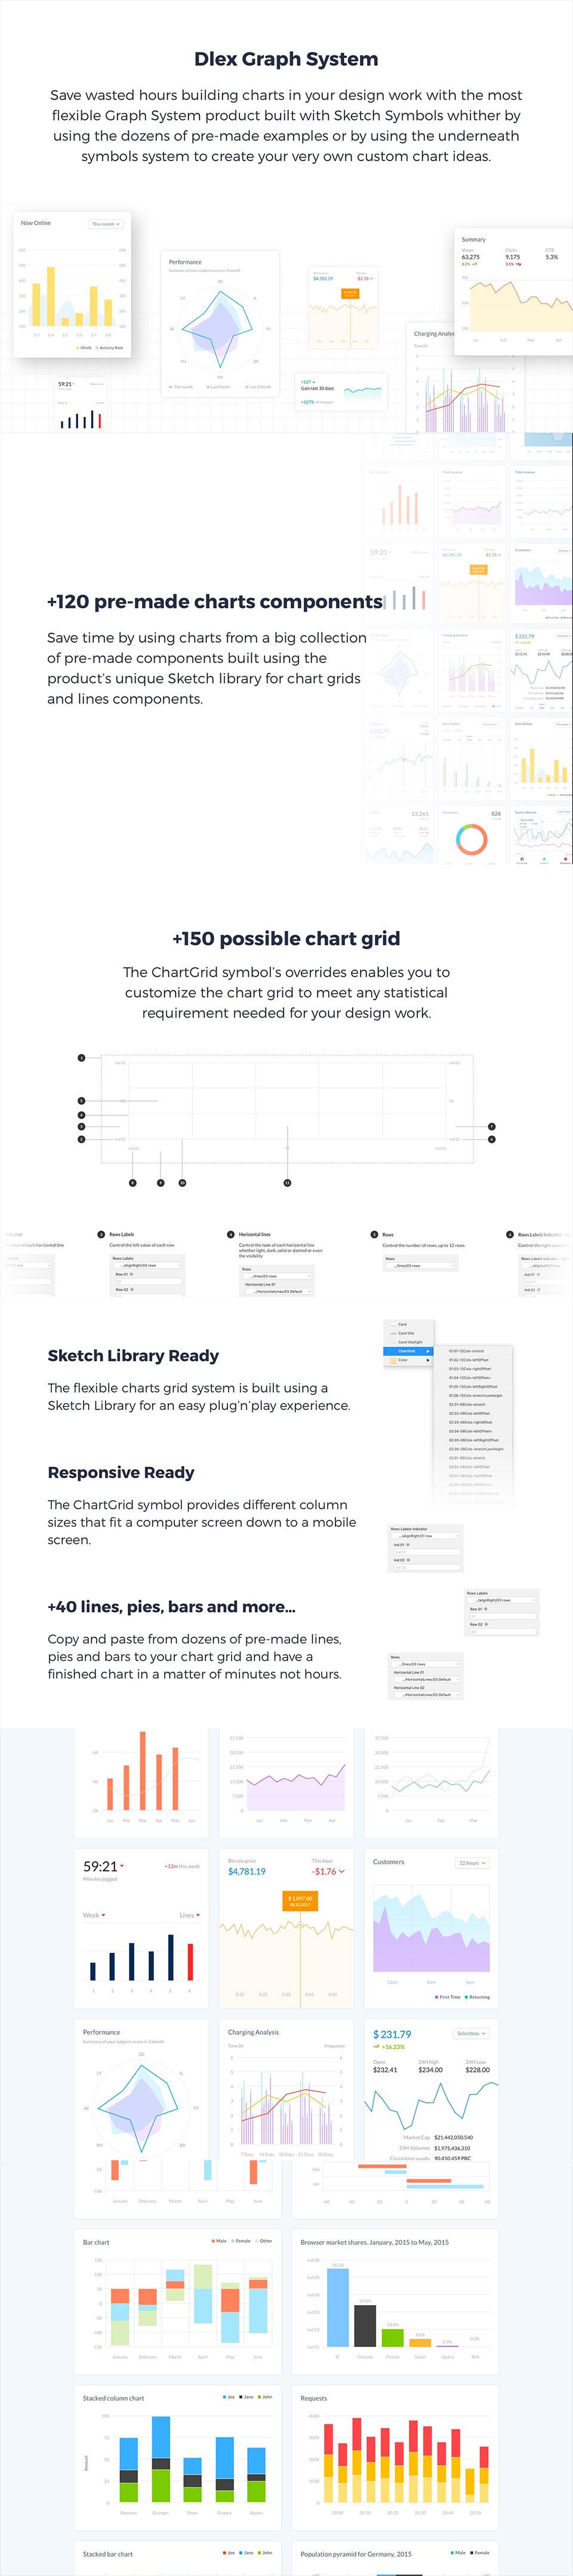 大数据,数据图表展示UI页面设计UI KIT套装下载 [Sketch]